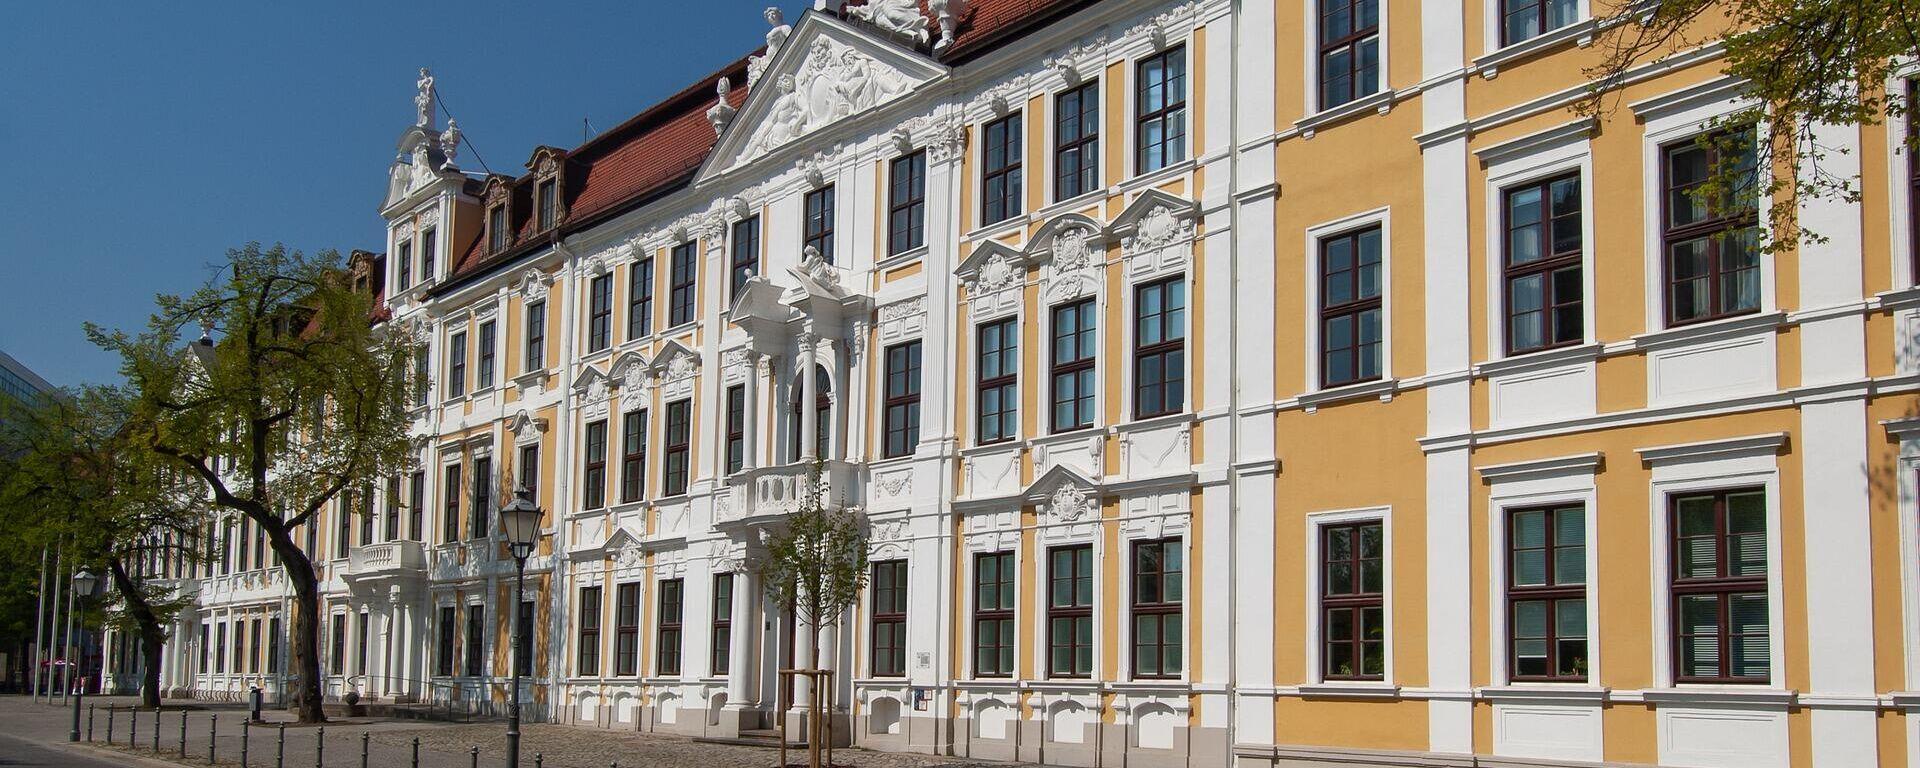 Landtag Sachsen-Anhalt (Archiv) - SNA, 1920, 10.08.2021